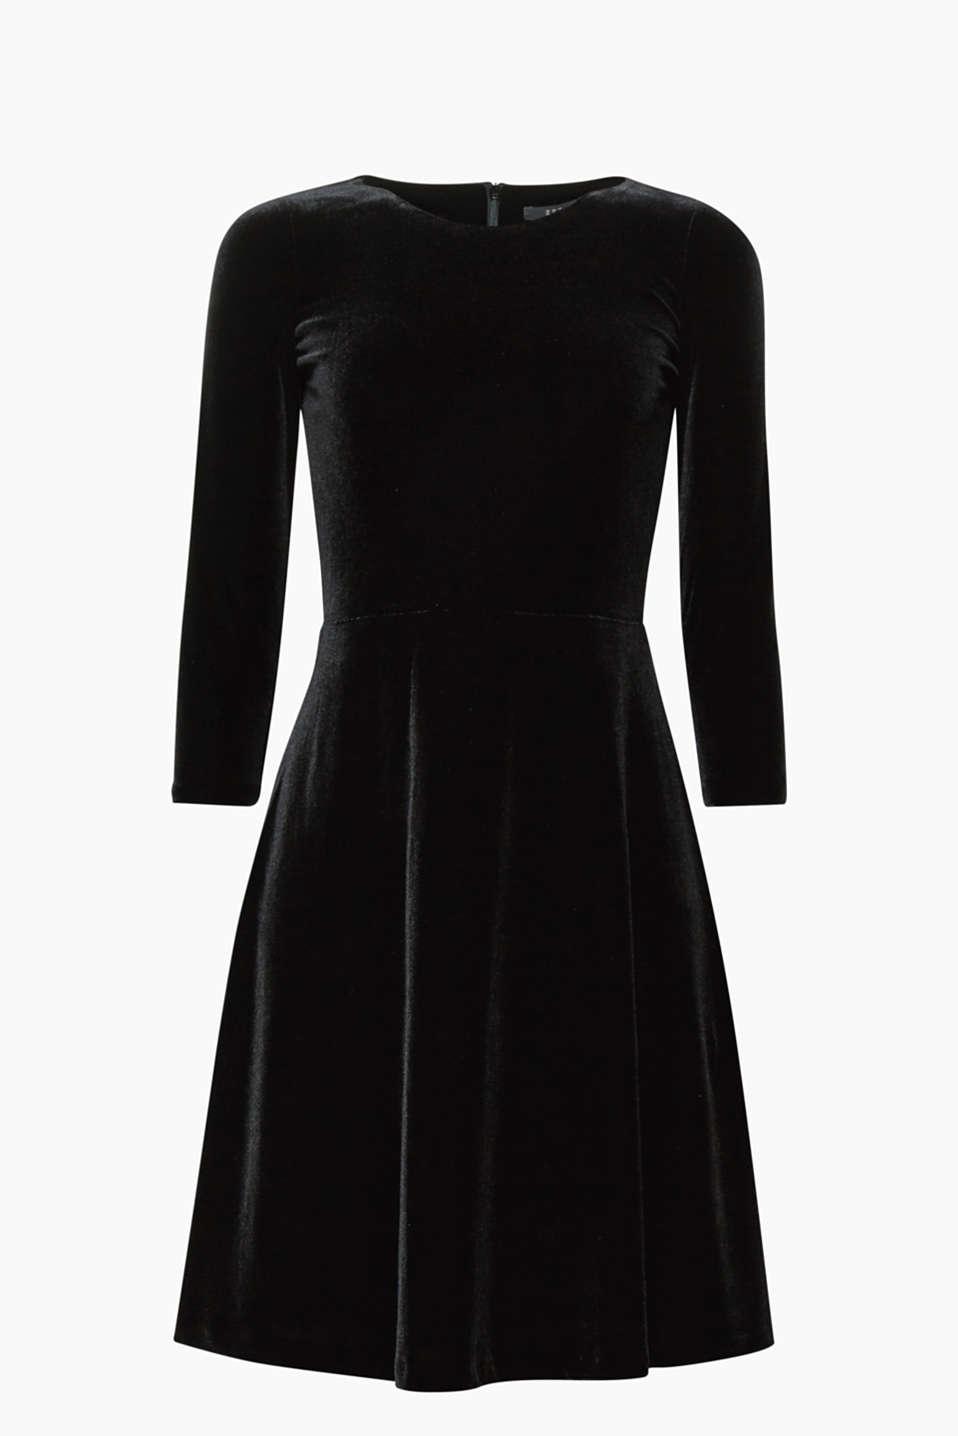 Samtig-weich und festlich zugleich! Dieses Samtkleid versprüht durch den schwingenden Rock feminine Eleganz.